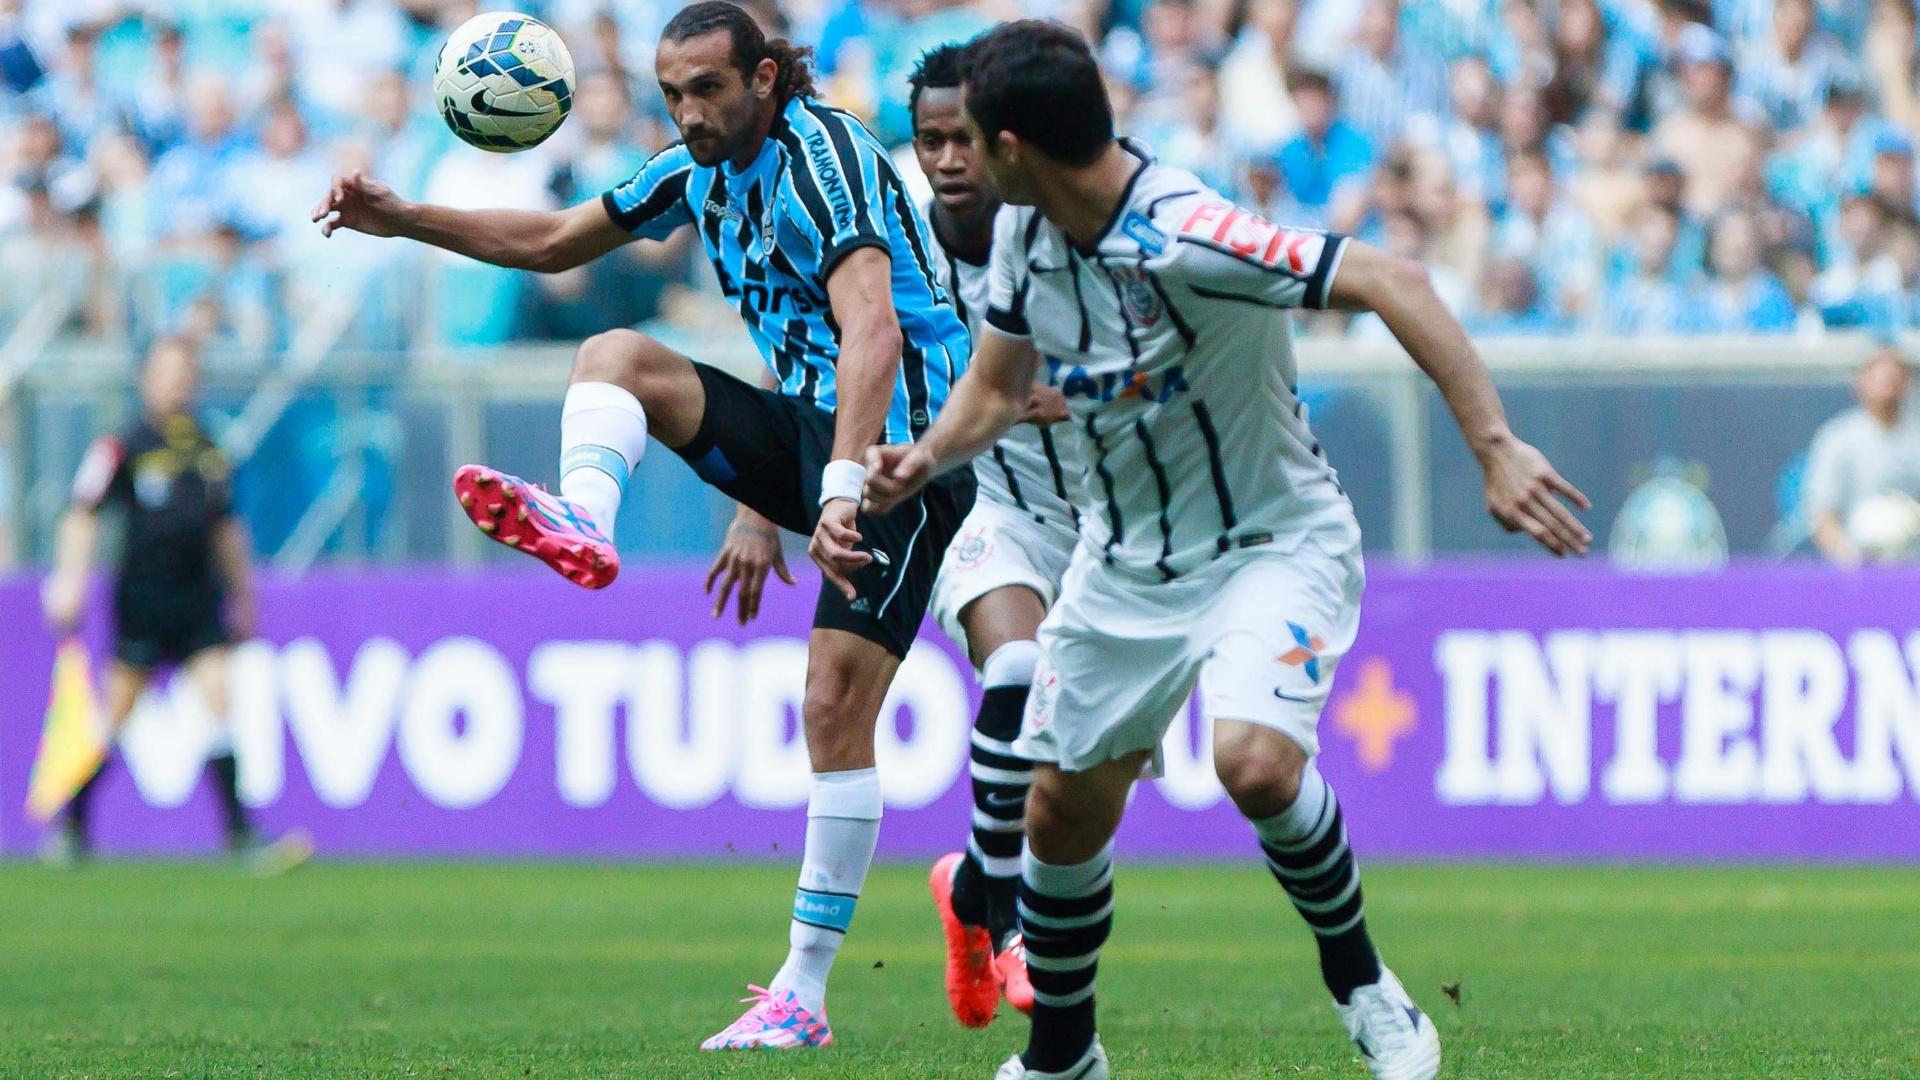 Barcos domina a bola vigiado por Anderson Martins em duelo entre Grêmio x Corinthians